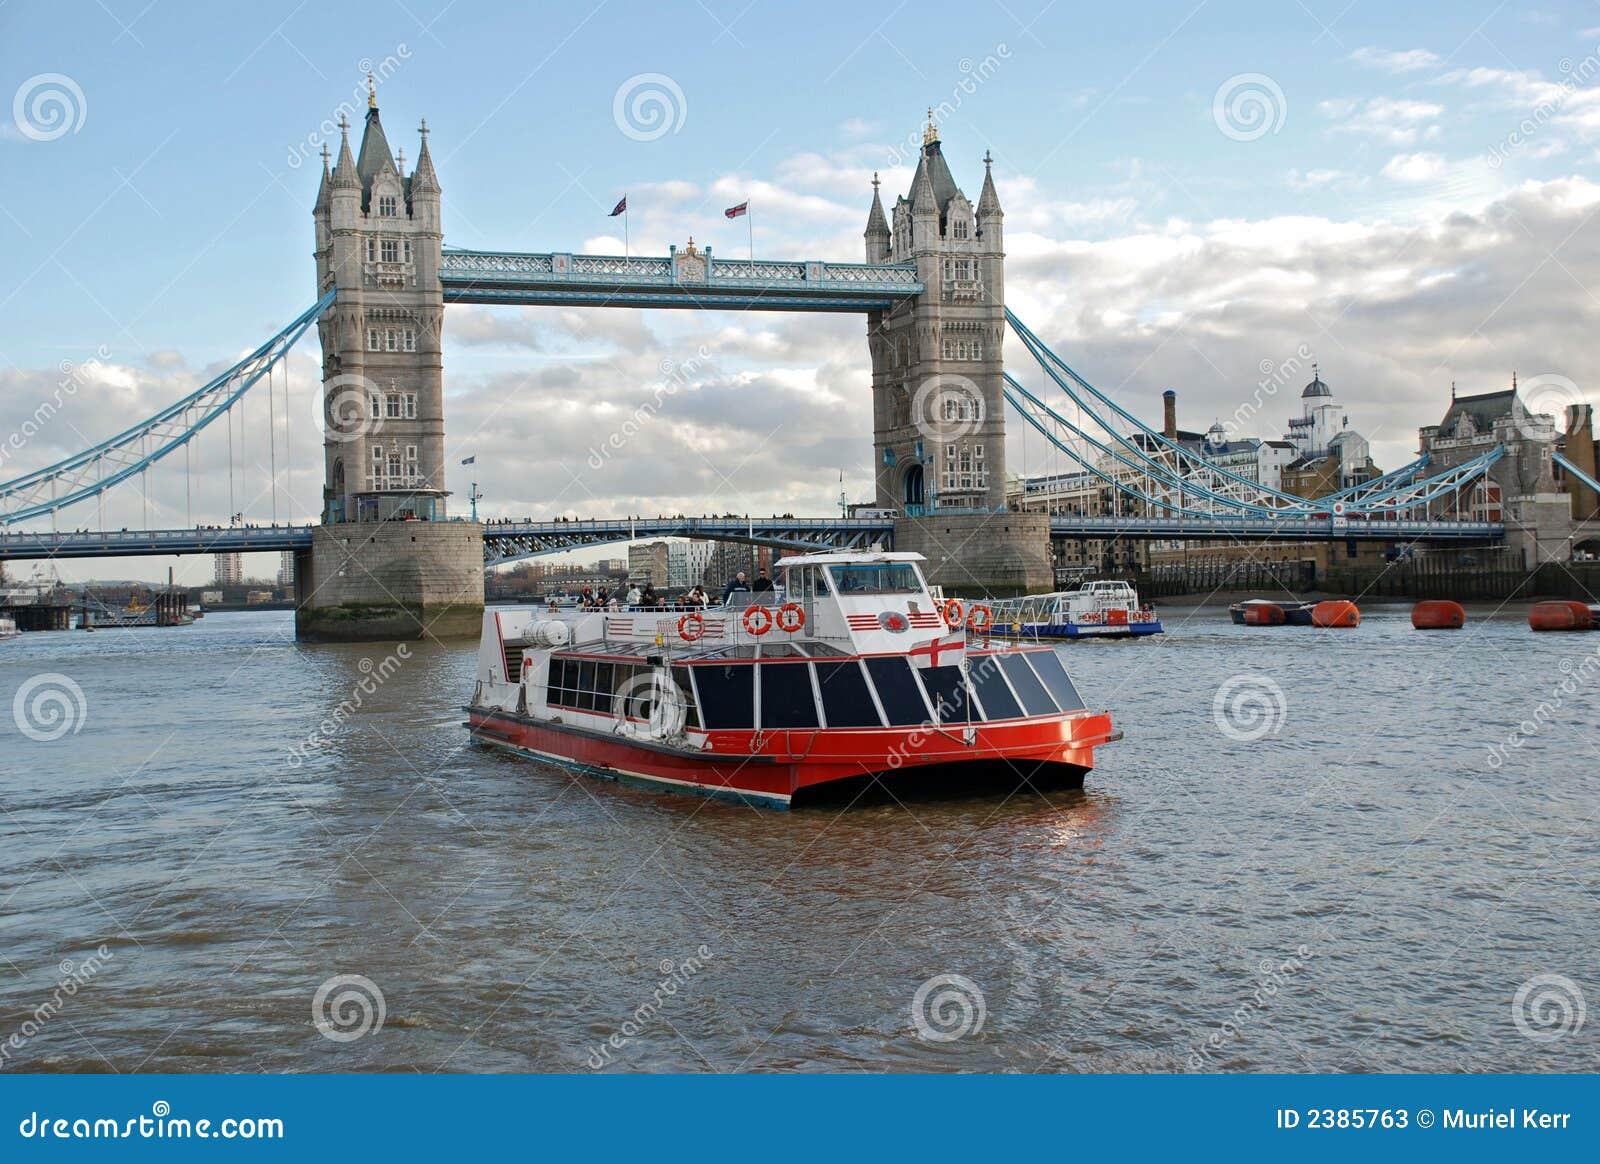 Cruise Boat And Tower Bridge Stock Image - Image: 2385763